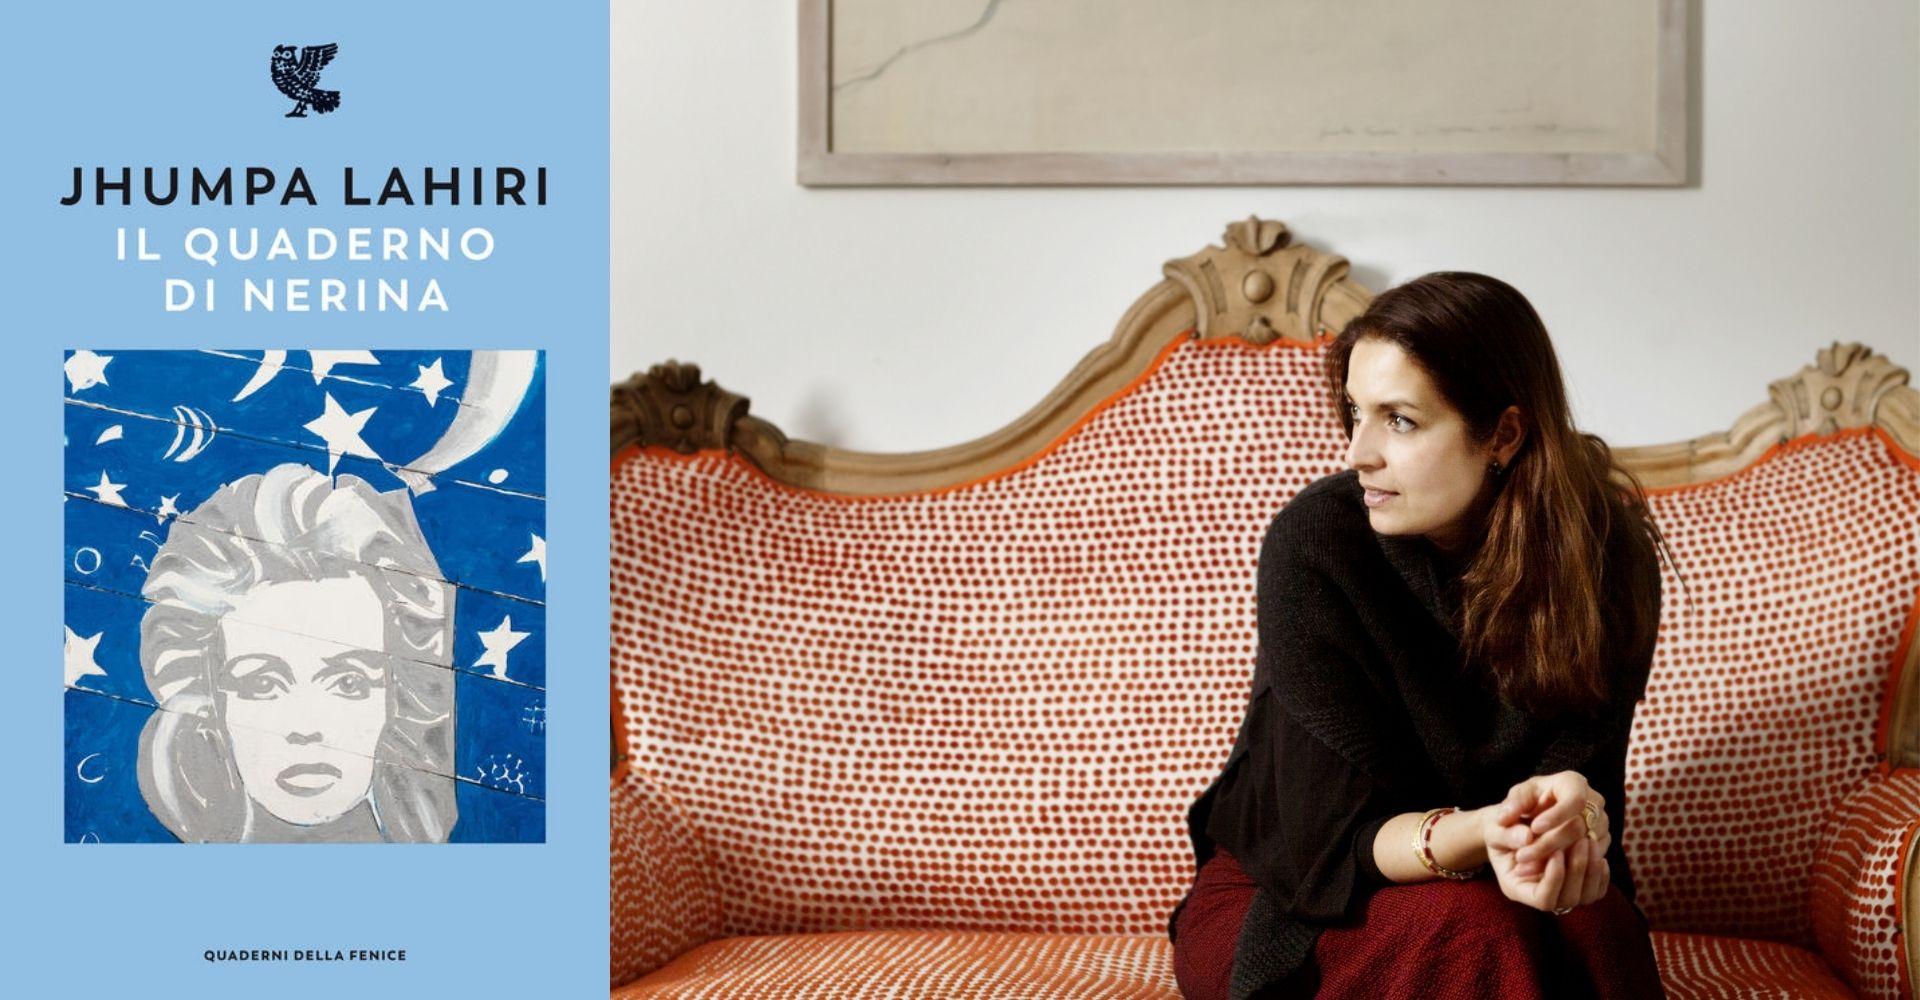 """""""La poesia è il linguaggio del quotidiano"""": Jhumpa Lahiri racconta la sua prima opera di versi (scritta in italiano)"""